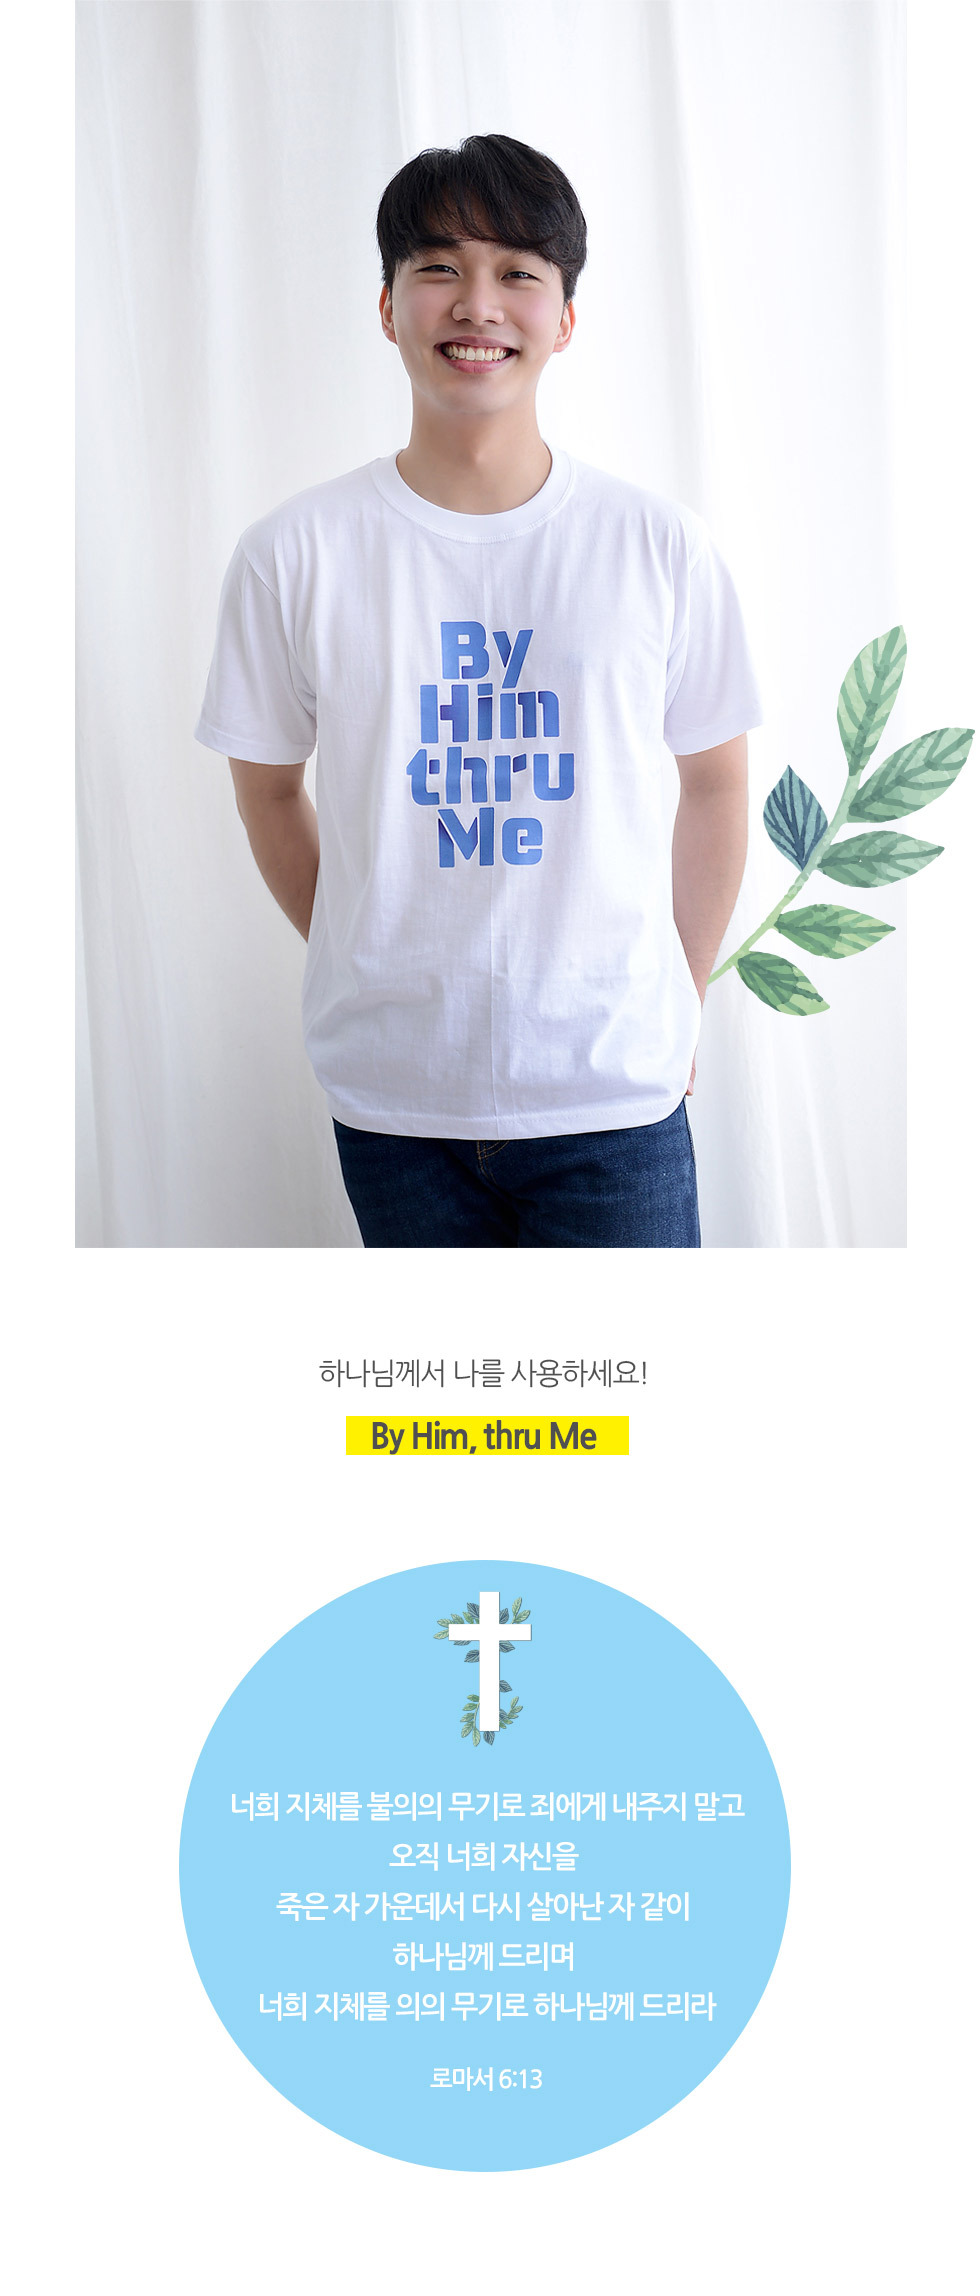 교회 단체티셔츠 바이힘(By Him Thru Me) - 성인티셔츠(파이디온 여름성경학교 주제티셔츠)